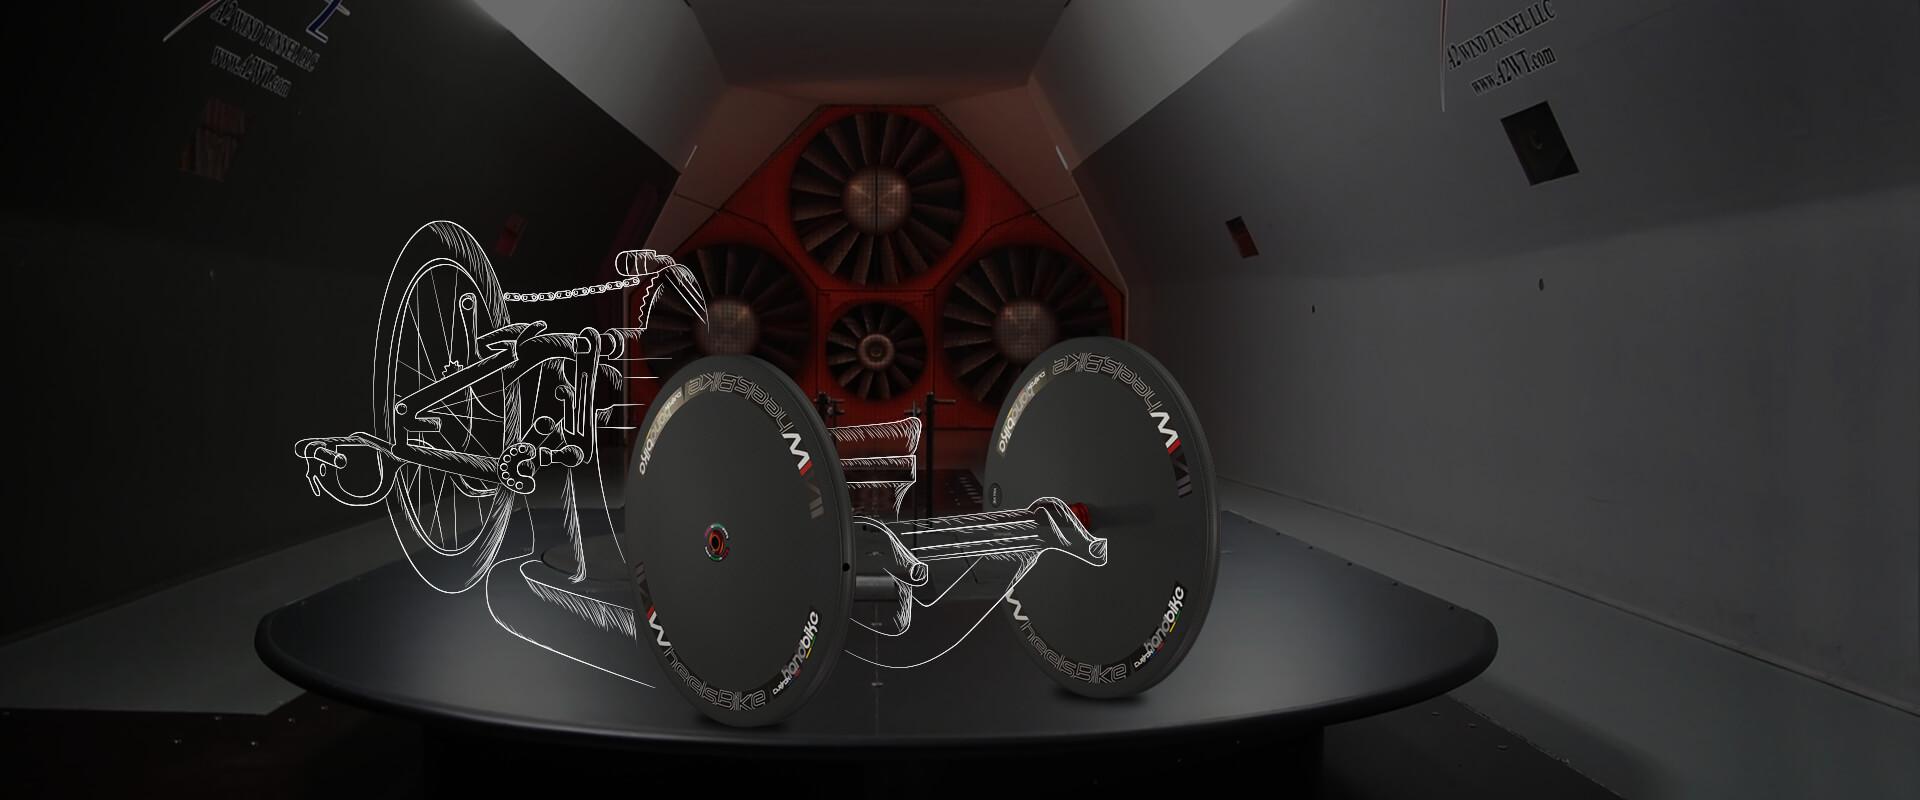 aerodinamica lenticolare handbike wheelsbike 4